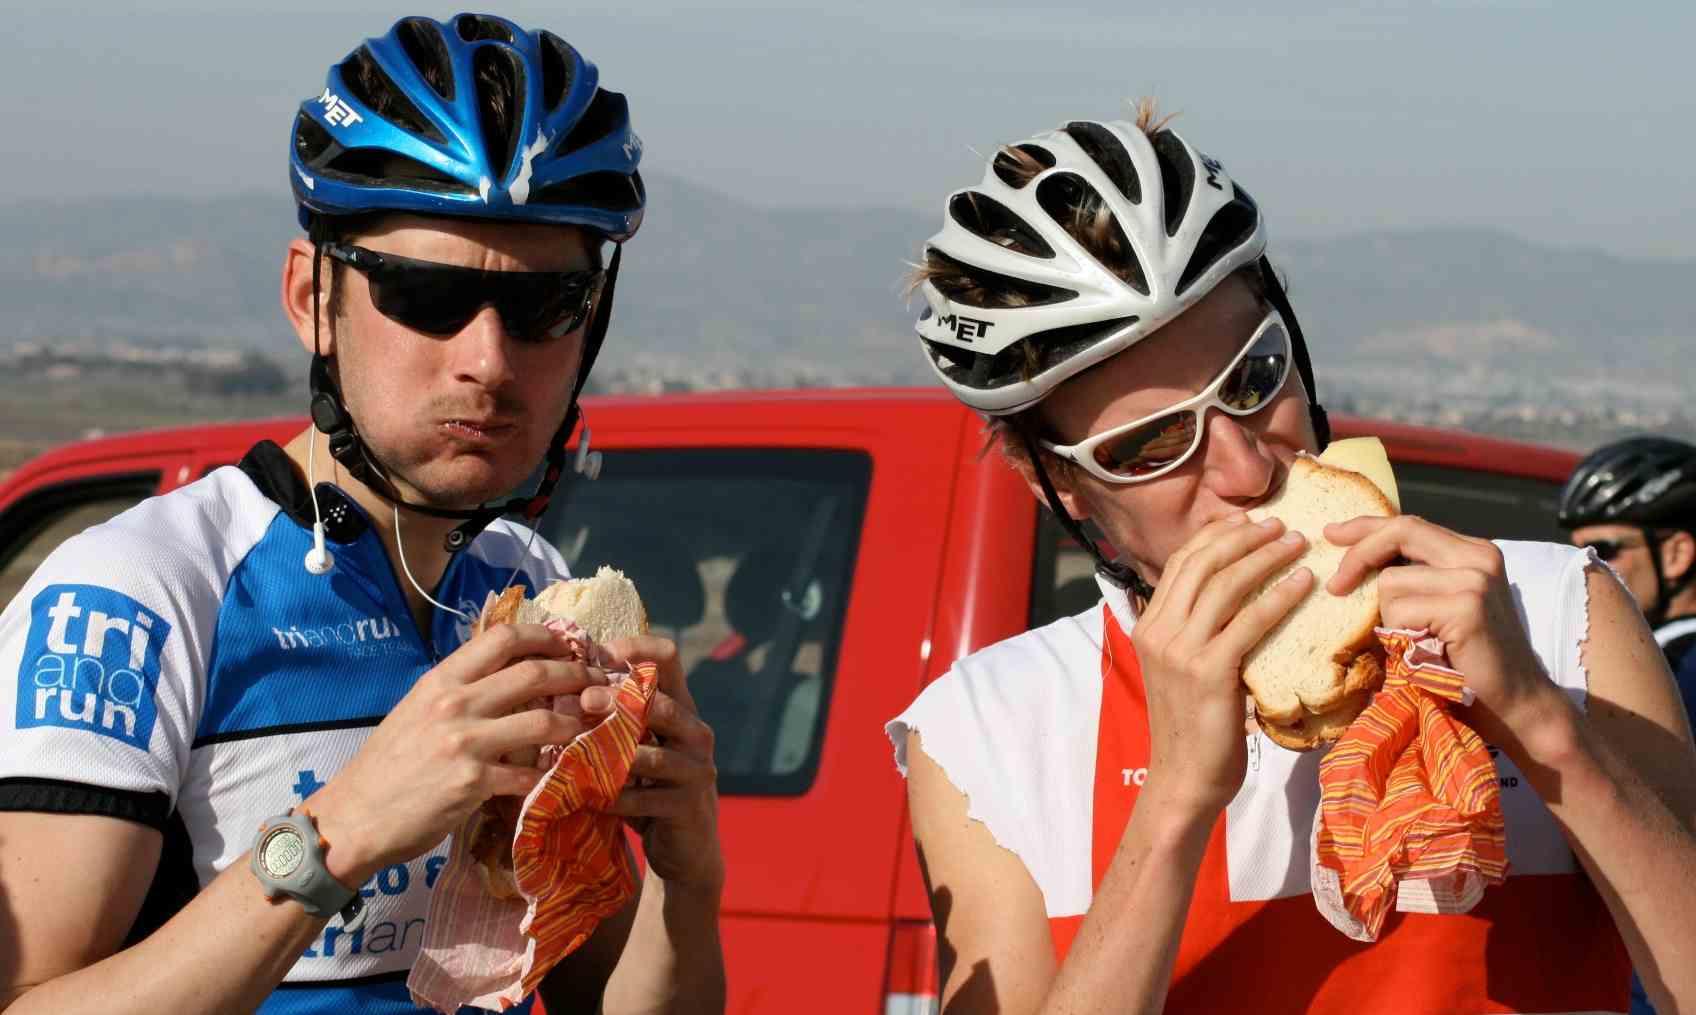 Еда после гонки IRONMAN